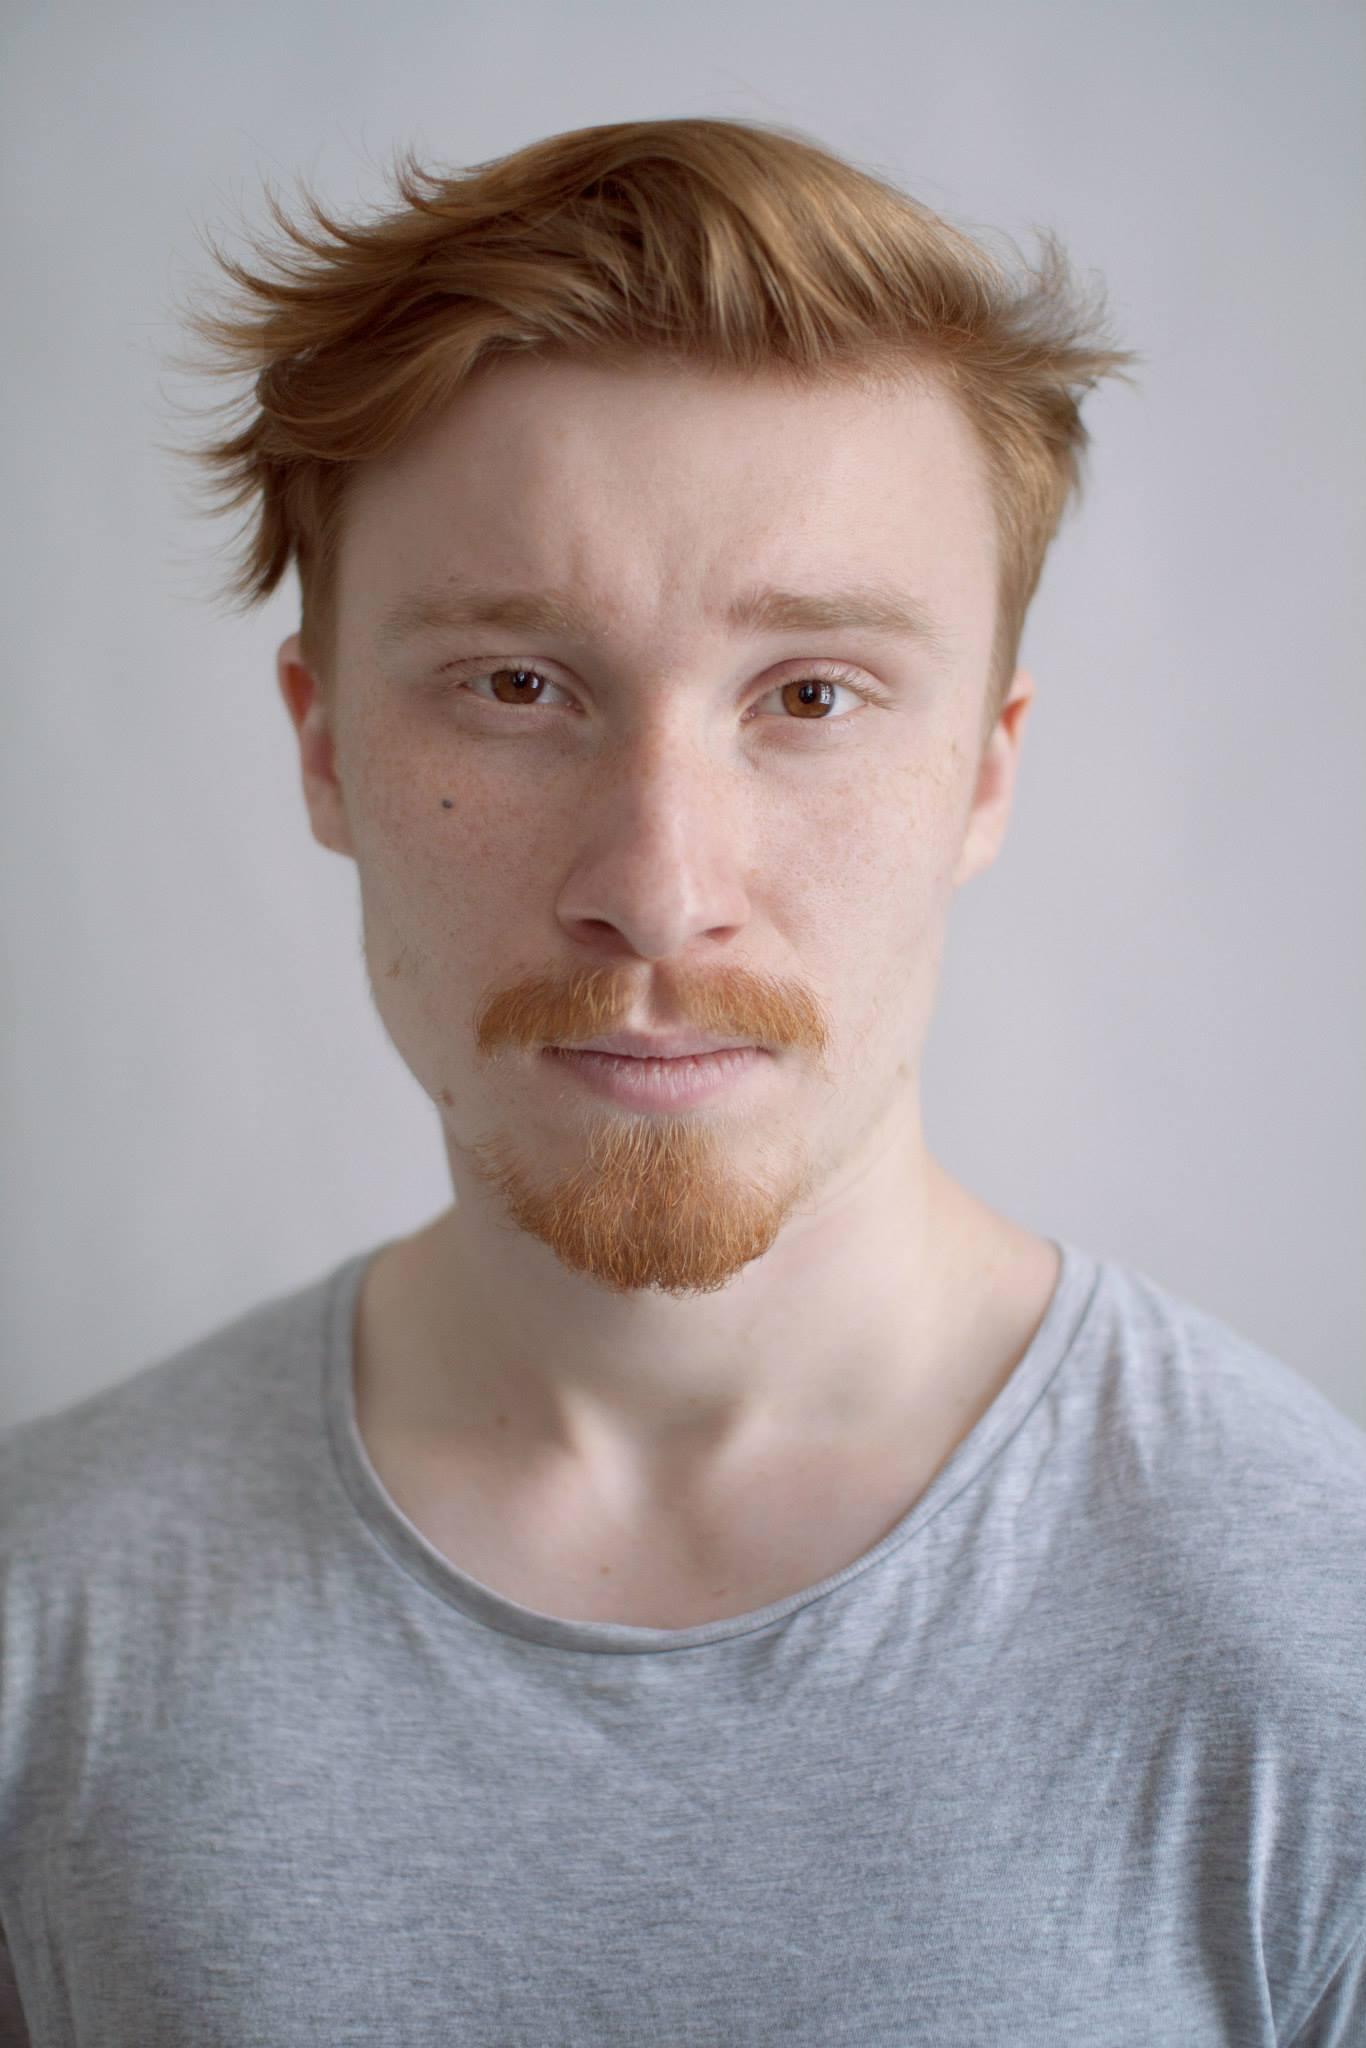 Projeto Ginger: Retratos que lutam contra a discriminação aos ruivos 05